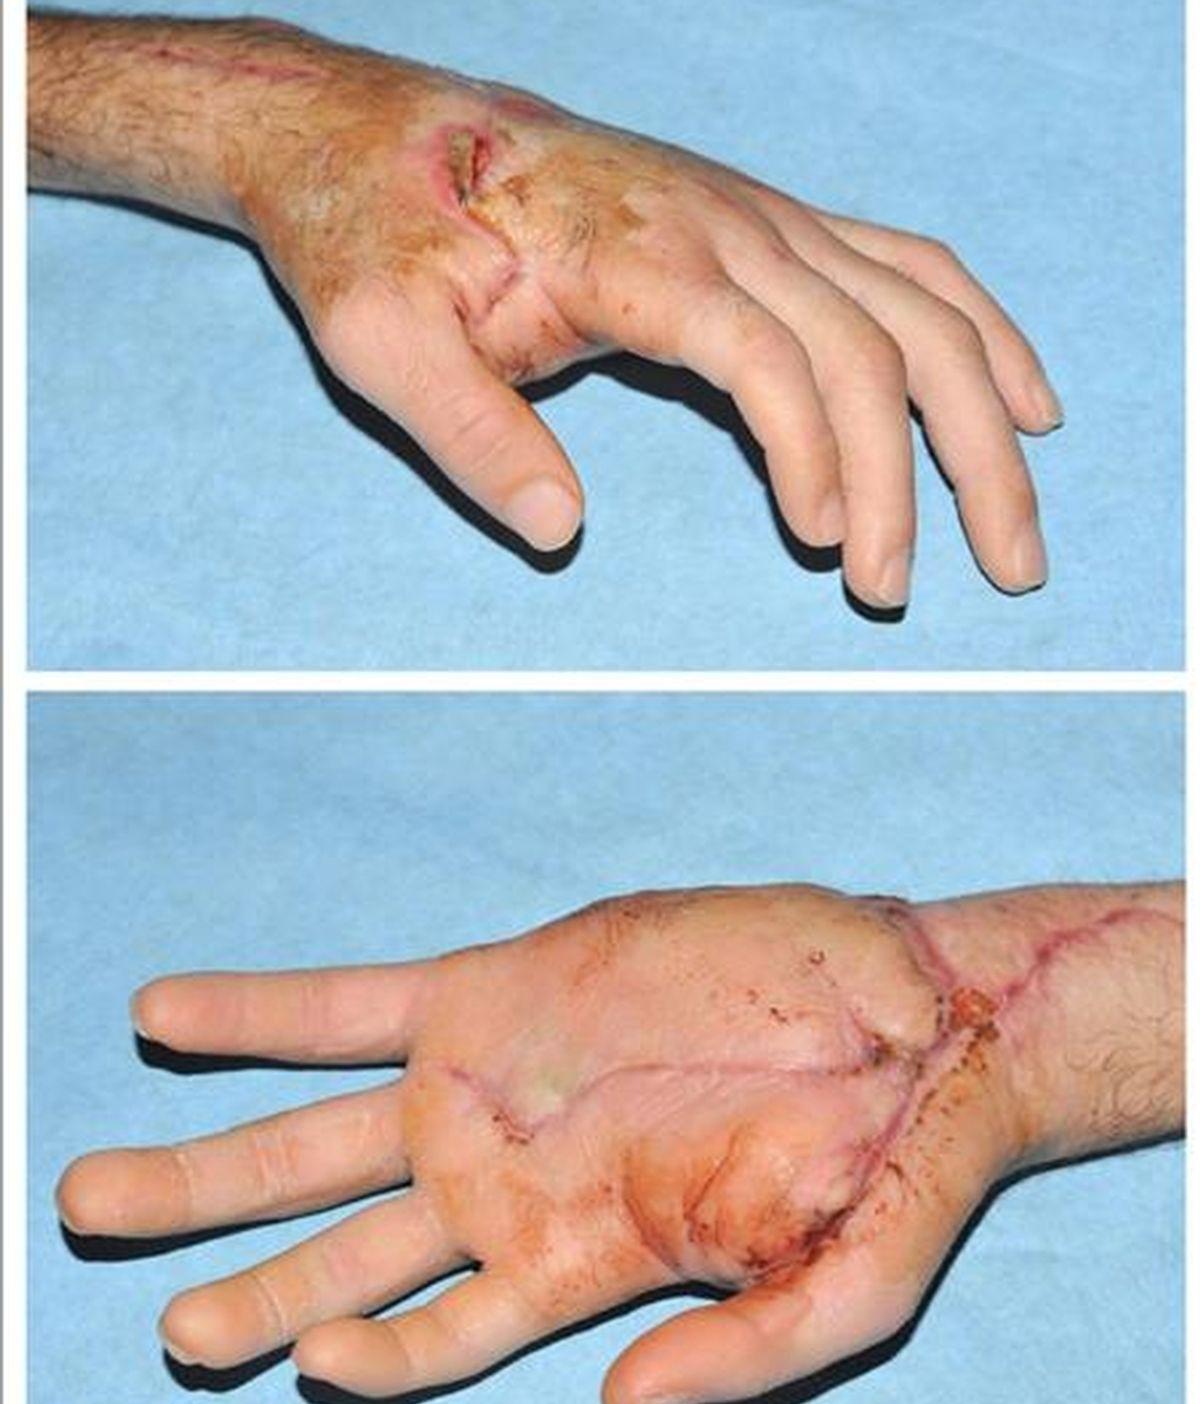 Vista de la mano derecha, un mes después de que le fuera reimplantada en el brazo izquierdo, a un hombre que cayó al Metro y sufrió la amputación de ambas manos y que diez meses después ya puede usar el móvil y beber por sí mismo. EFE